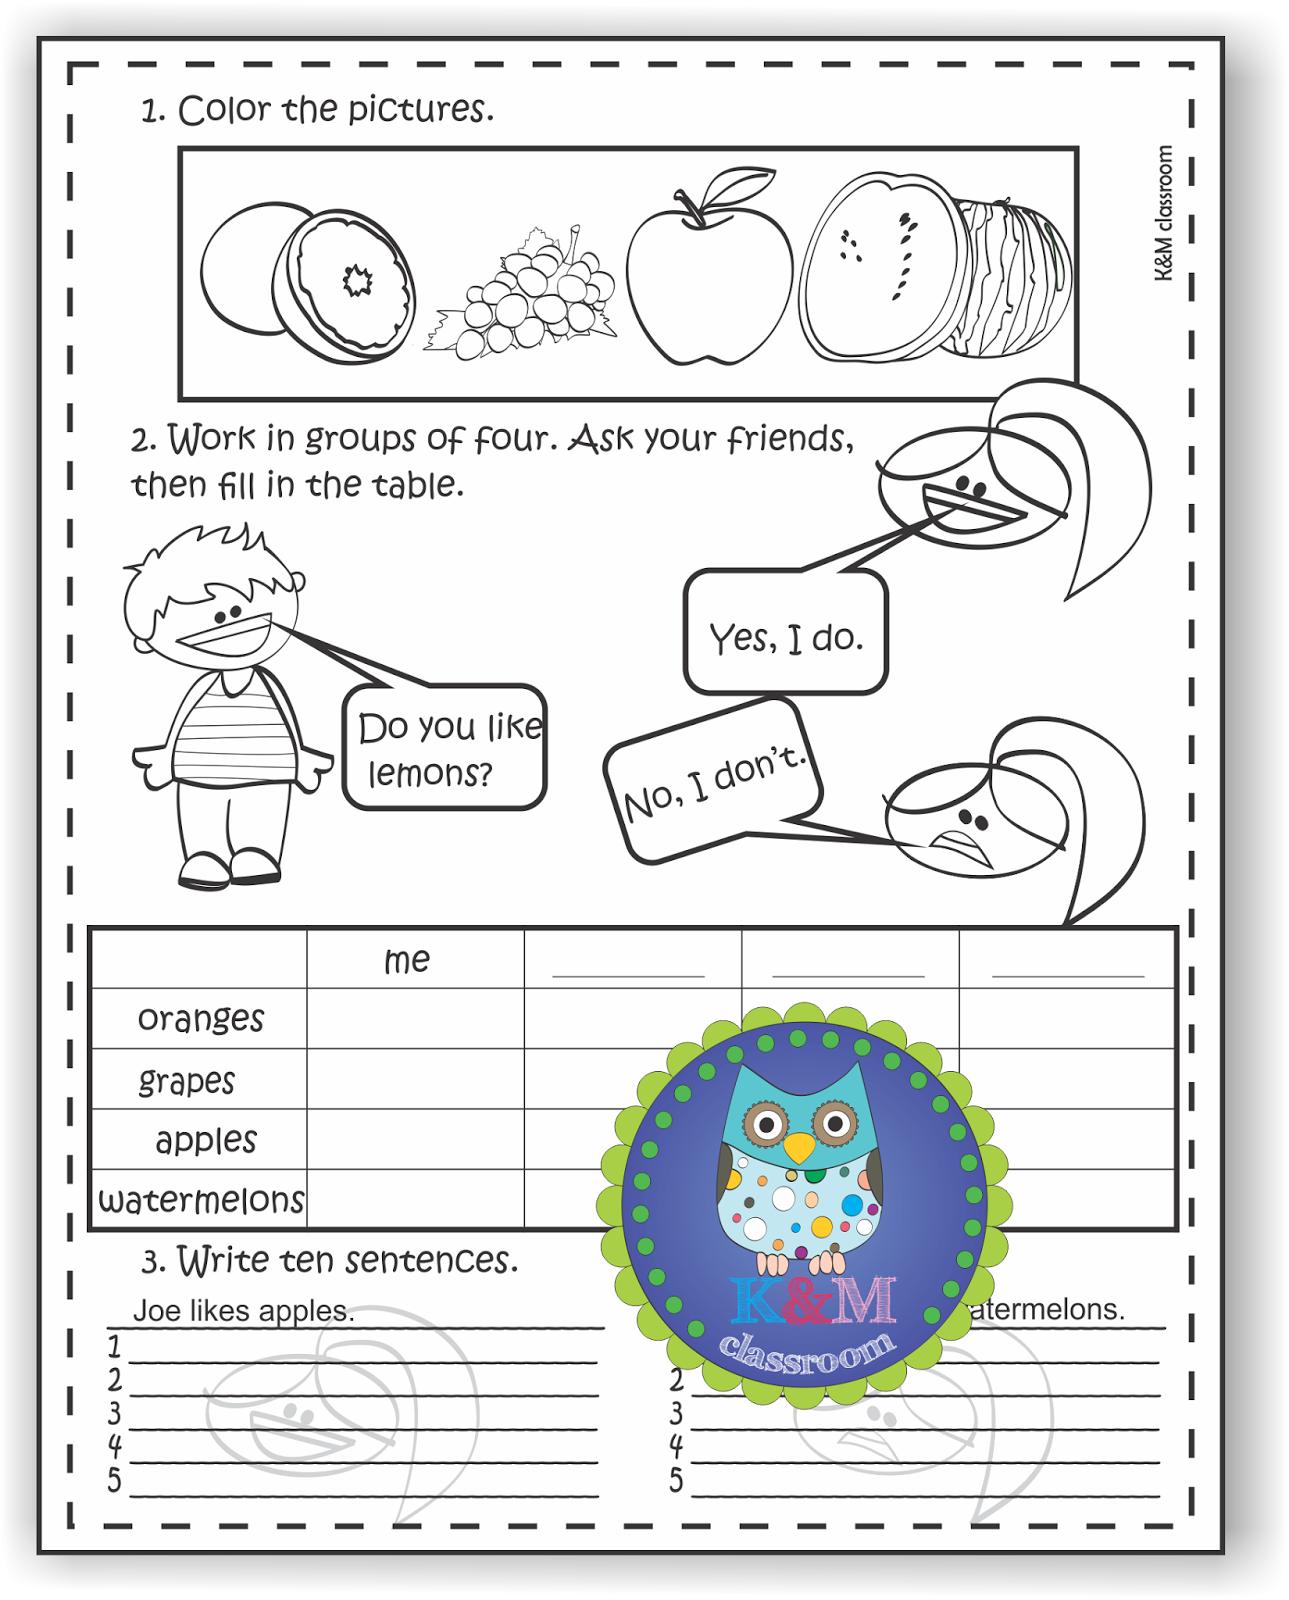 Coloring grammar worksheets - Esl Grammar I Like I Don T Like Fruits Printable Worksheets